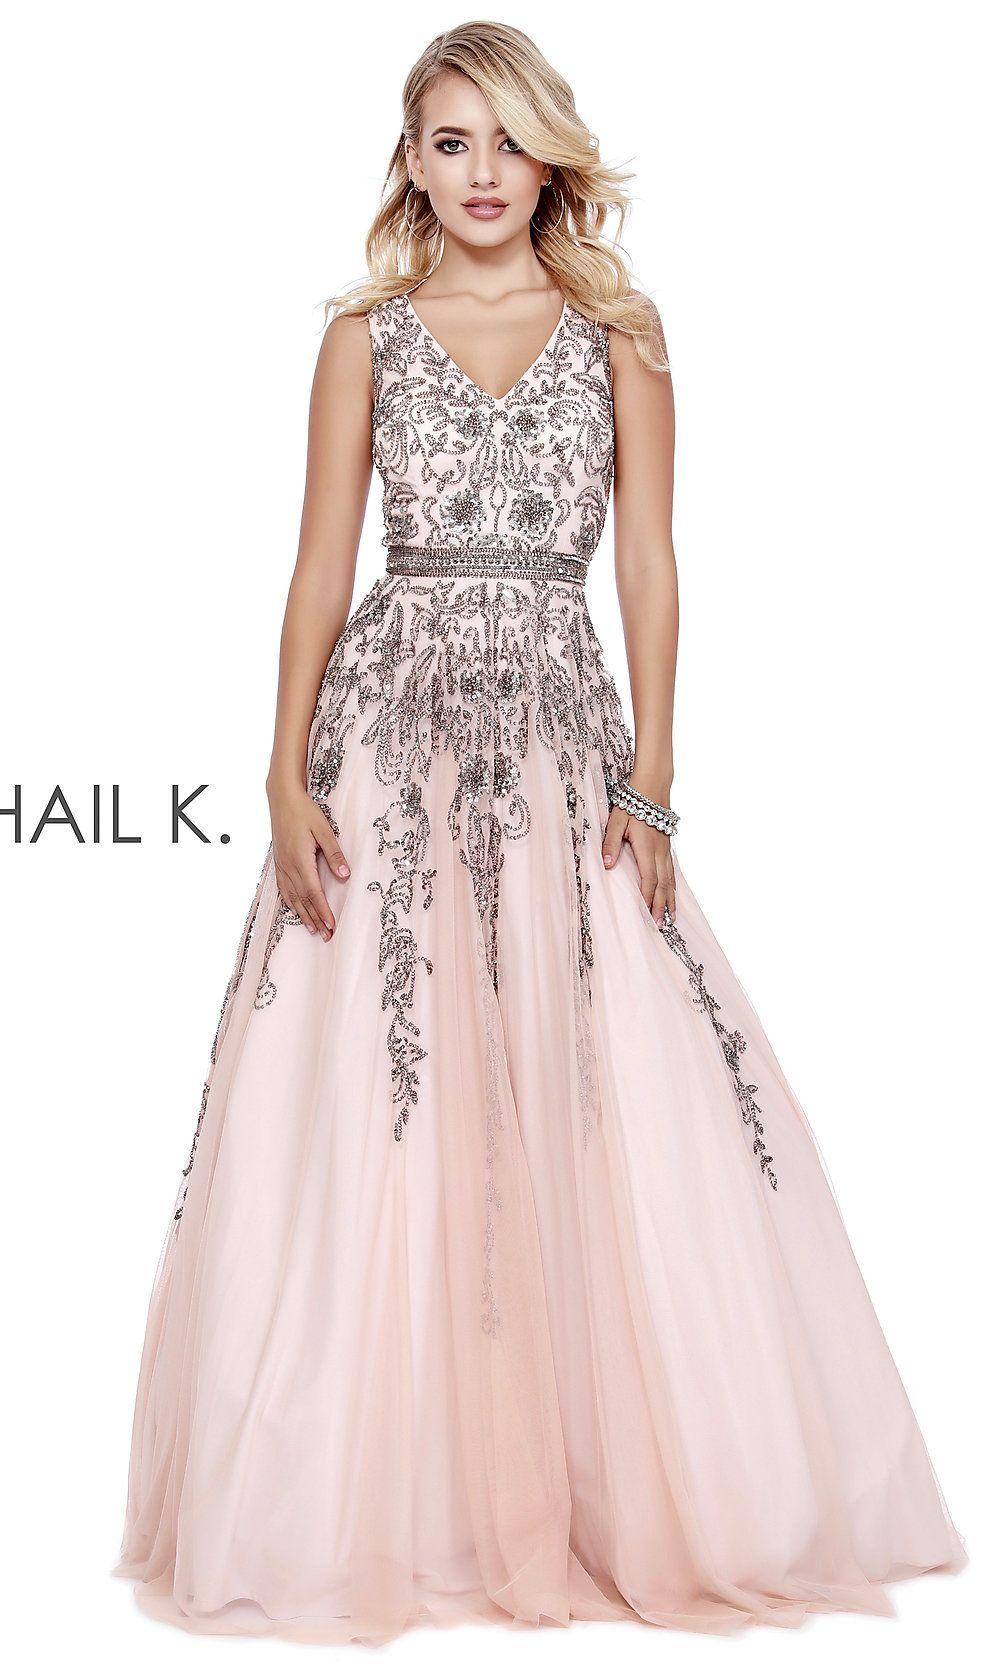 1512522f3e2 Long Shail K Prom Dress with Beaded Bodice